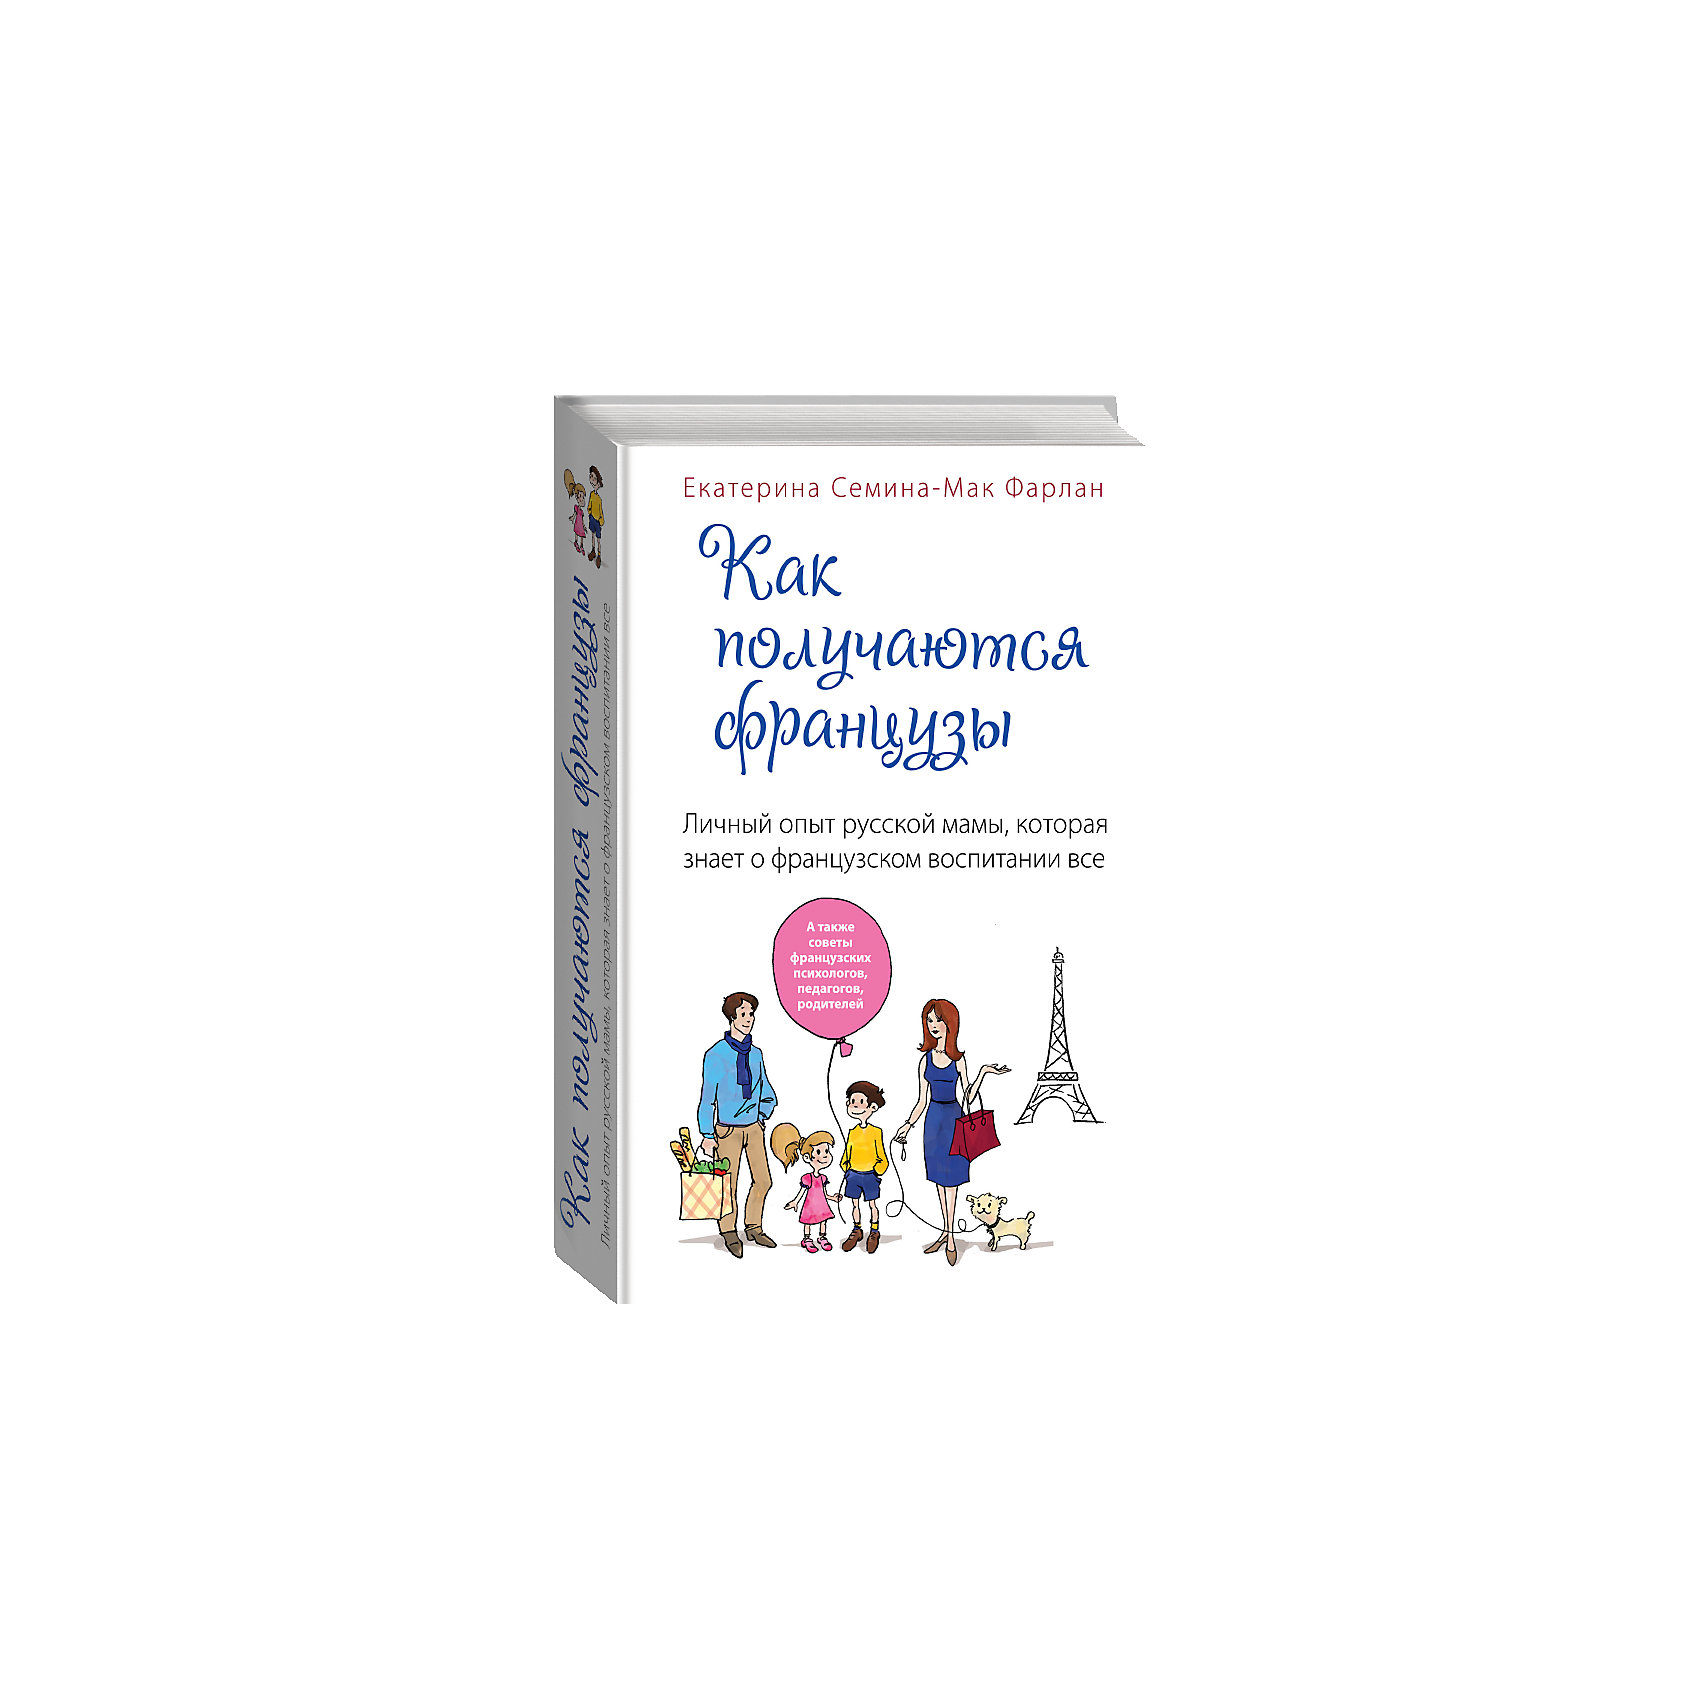 Личный опыт русской мамы Как получаются французыФранцузская система воспитания сегодня очень популярна, в частности, благодаря книгам американских мам, которые использовали европейский опыт. Родители хотят знать, как французские родителя, не забывая о себе, легко и непринужденно, воспитывают прекрасных и спокойных малышей. Наконец-то мы можем познакомиться с опытом нашей соотечественницы, которая применила французские методики к своим детям. Книга Екатерины Семиной-Мак Фарлан – это не только увлекательный рассказ о воспитании двух дочерей вместе с мужем-французом, но и серьезное исследование, основанное на мнении известных французских психологов, педагогов, родителей о том, как надо и не надо обращаться с детьми. Кроме того, вы найдете здесь интереснейший и во многом неожиданный обзор разных сфер жизни в, казалось бы, хорошо знакомой нам стране. Книгу отличает редкое сочетание легкого, прекрасно написанного текста и практической пользы: каждая глава завершается четкими и эффективными советами о том, что надо делать, чтобы даже самый трудный ребенок стал «настоящим французом» - идеально воспитанным, гармонично развитым, социально адаптированным, успешным и счастливым человеком.<br><br>Дополнительная информация:<br><br>- Автор: Семина-Мак Фарлан Екатерина.<br>- Формат: 21,7х14,5 см.<br>- Переплет: твердый.<br>- Количество страниц: 368. <br>- Иллюстрации: без иллюстраций.<br><br>Книгу Как получаются французы. Личный опыт русской мамы, которая знает о французском воспитании все  можно купить в нашем магазине.<br><br>Ширина мм: 212<br>Глубина мм: 138<br>Высота мм: 29<br>Вес г: 688<br>Возраст от месяцев: 192<br>Возраст до месяцев: 1188<br>Пол: Унисекс<br>Возраст: Детский<br>SKU: 4414969